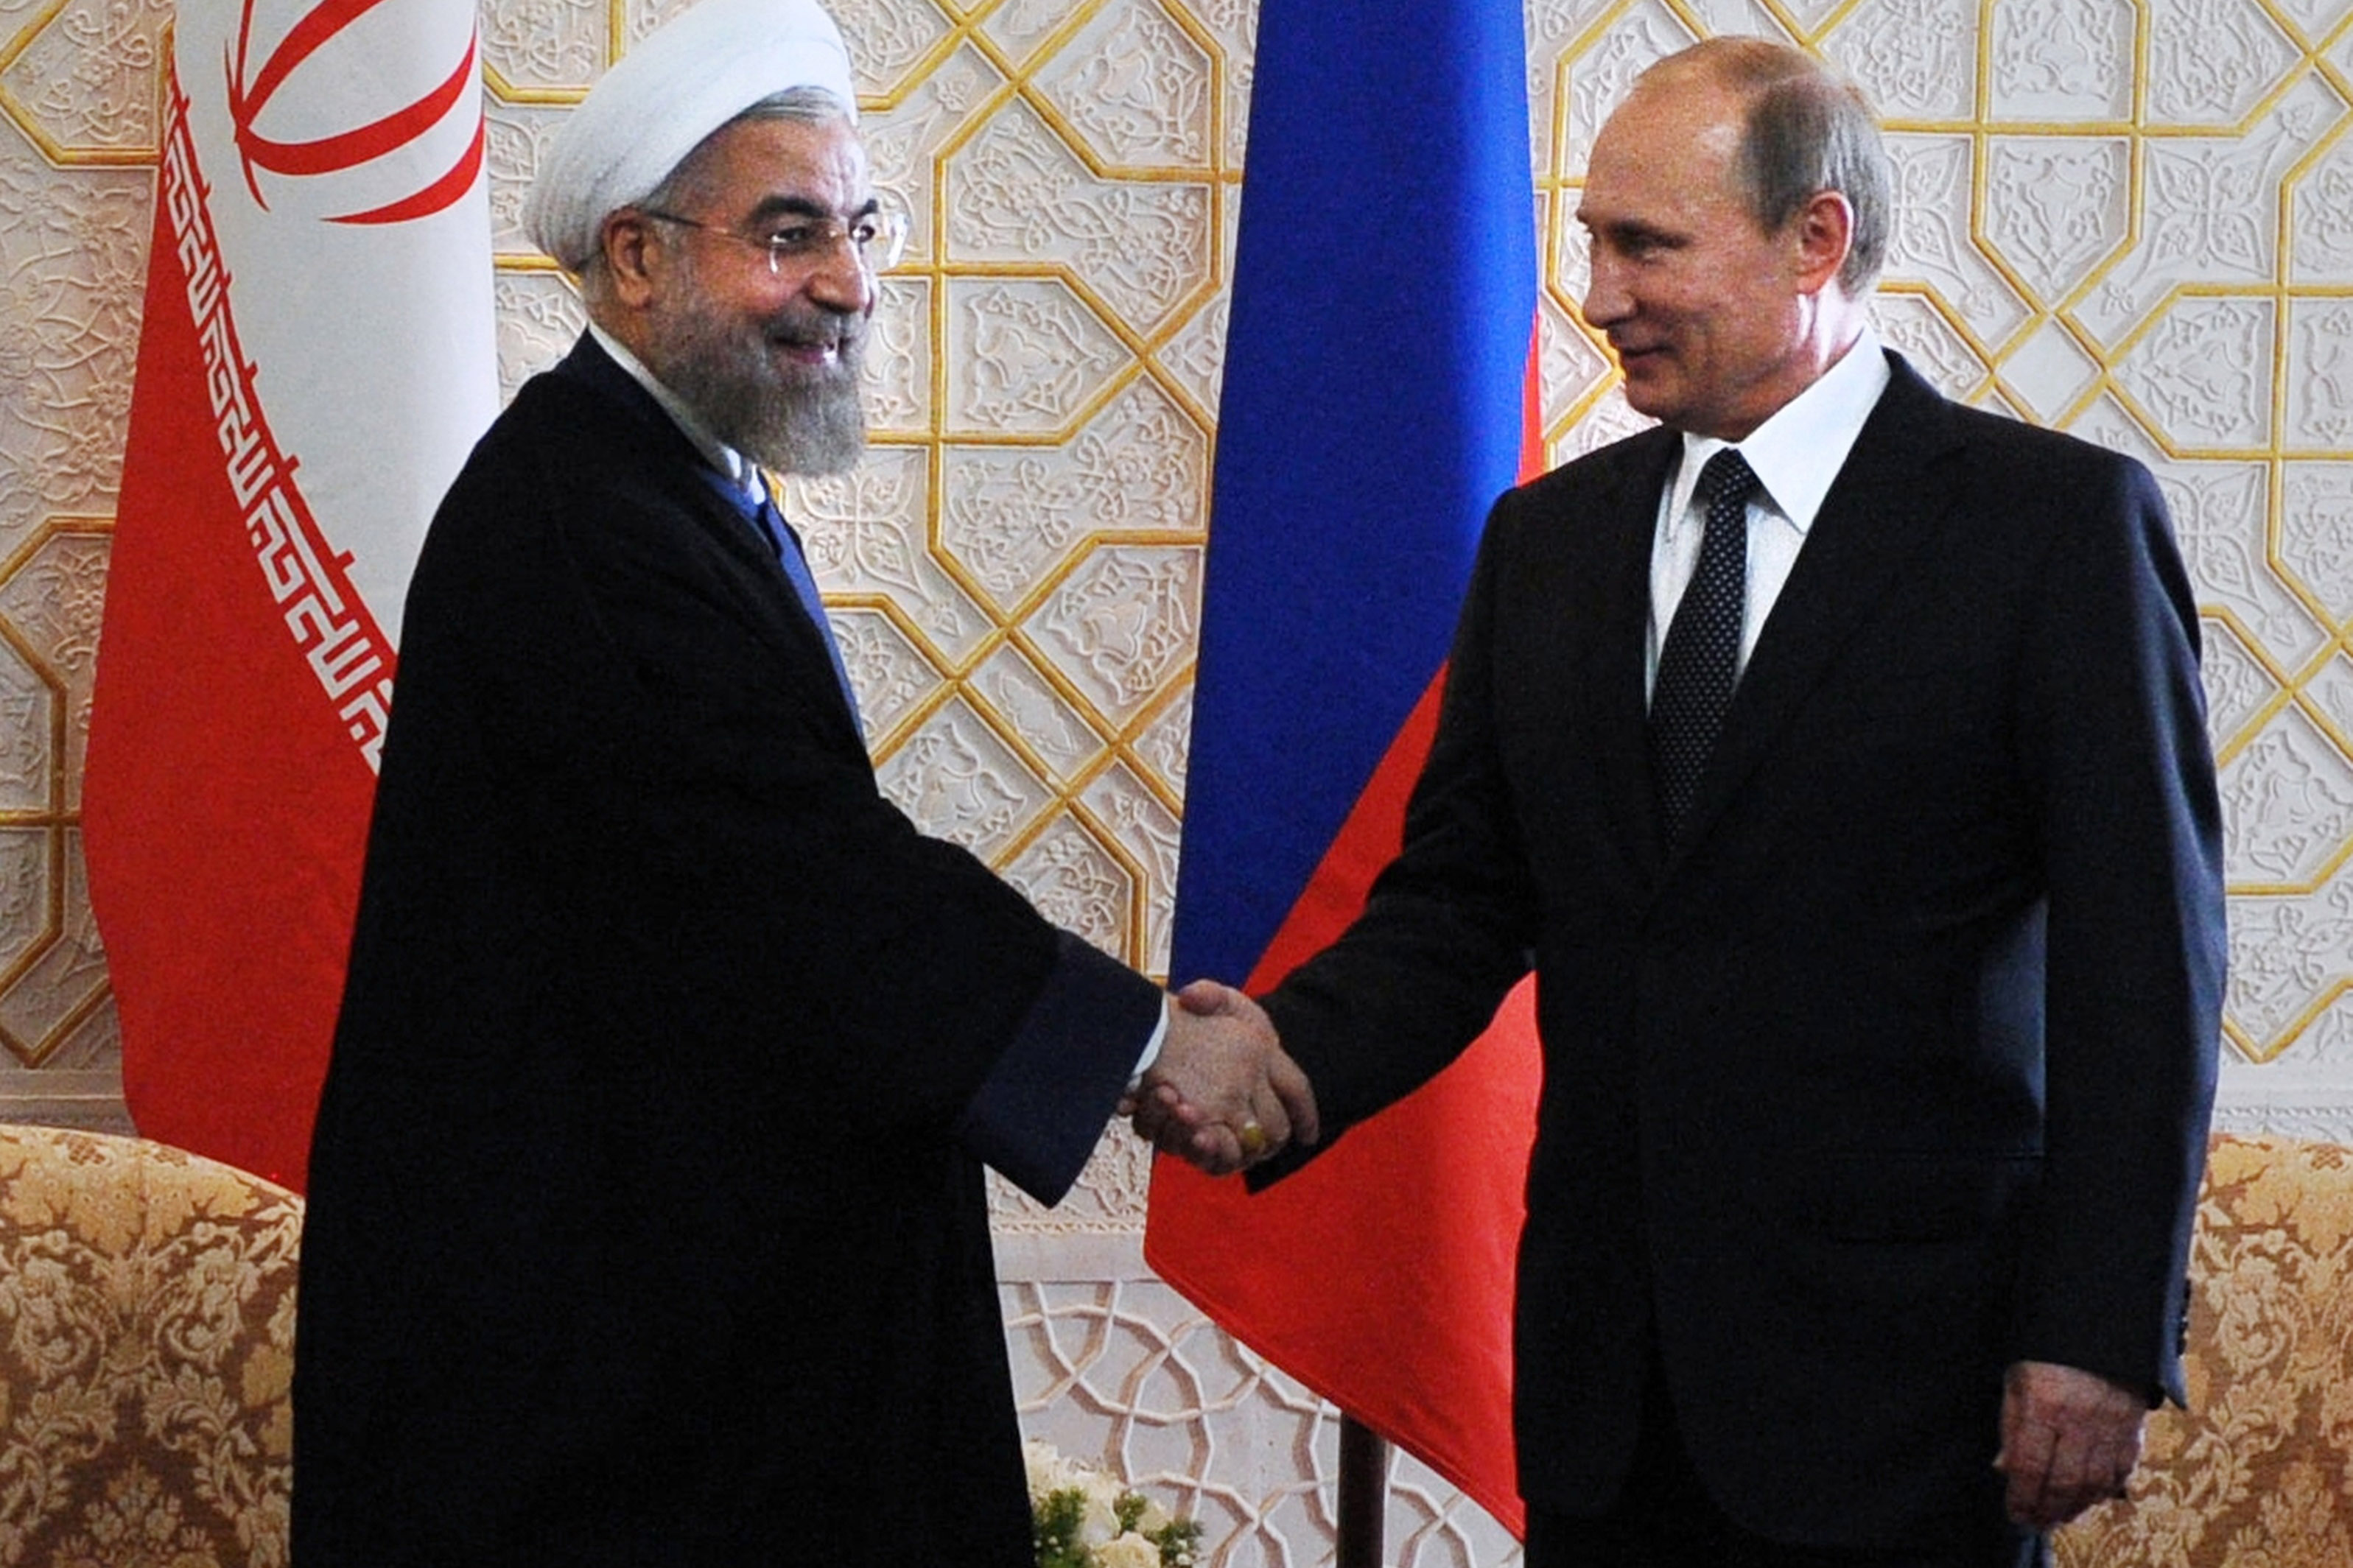 إيران وروسيا وعقيدة المكان